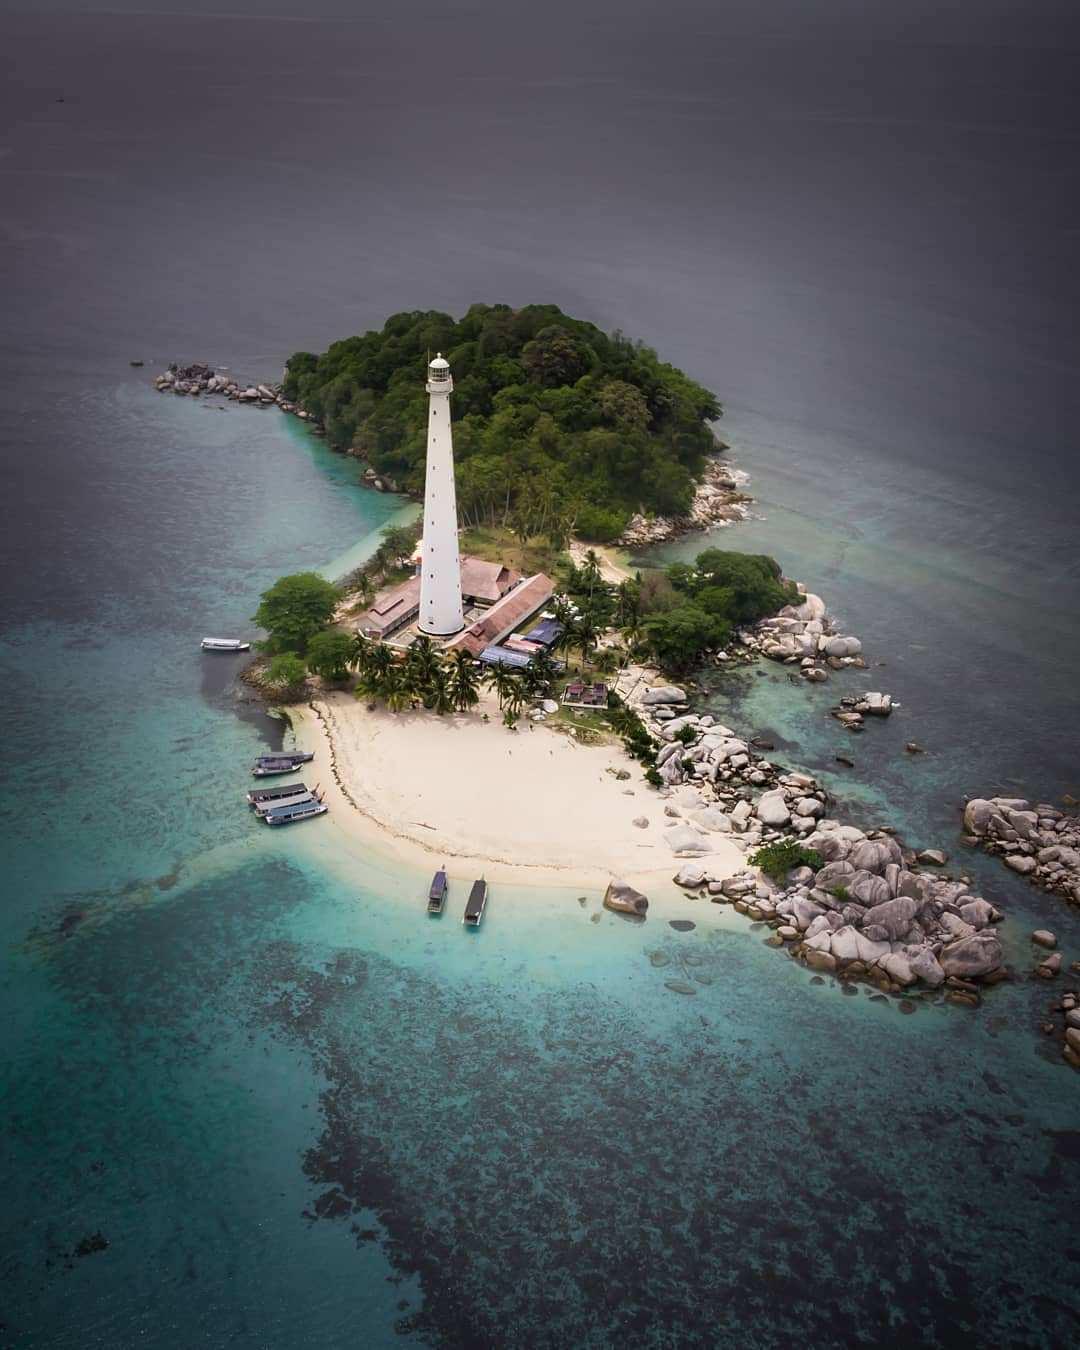 Gambar Pulau Lengkuas Dari Ketinggian Images From @rahaps_